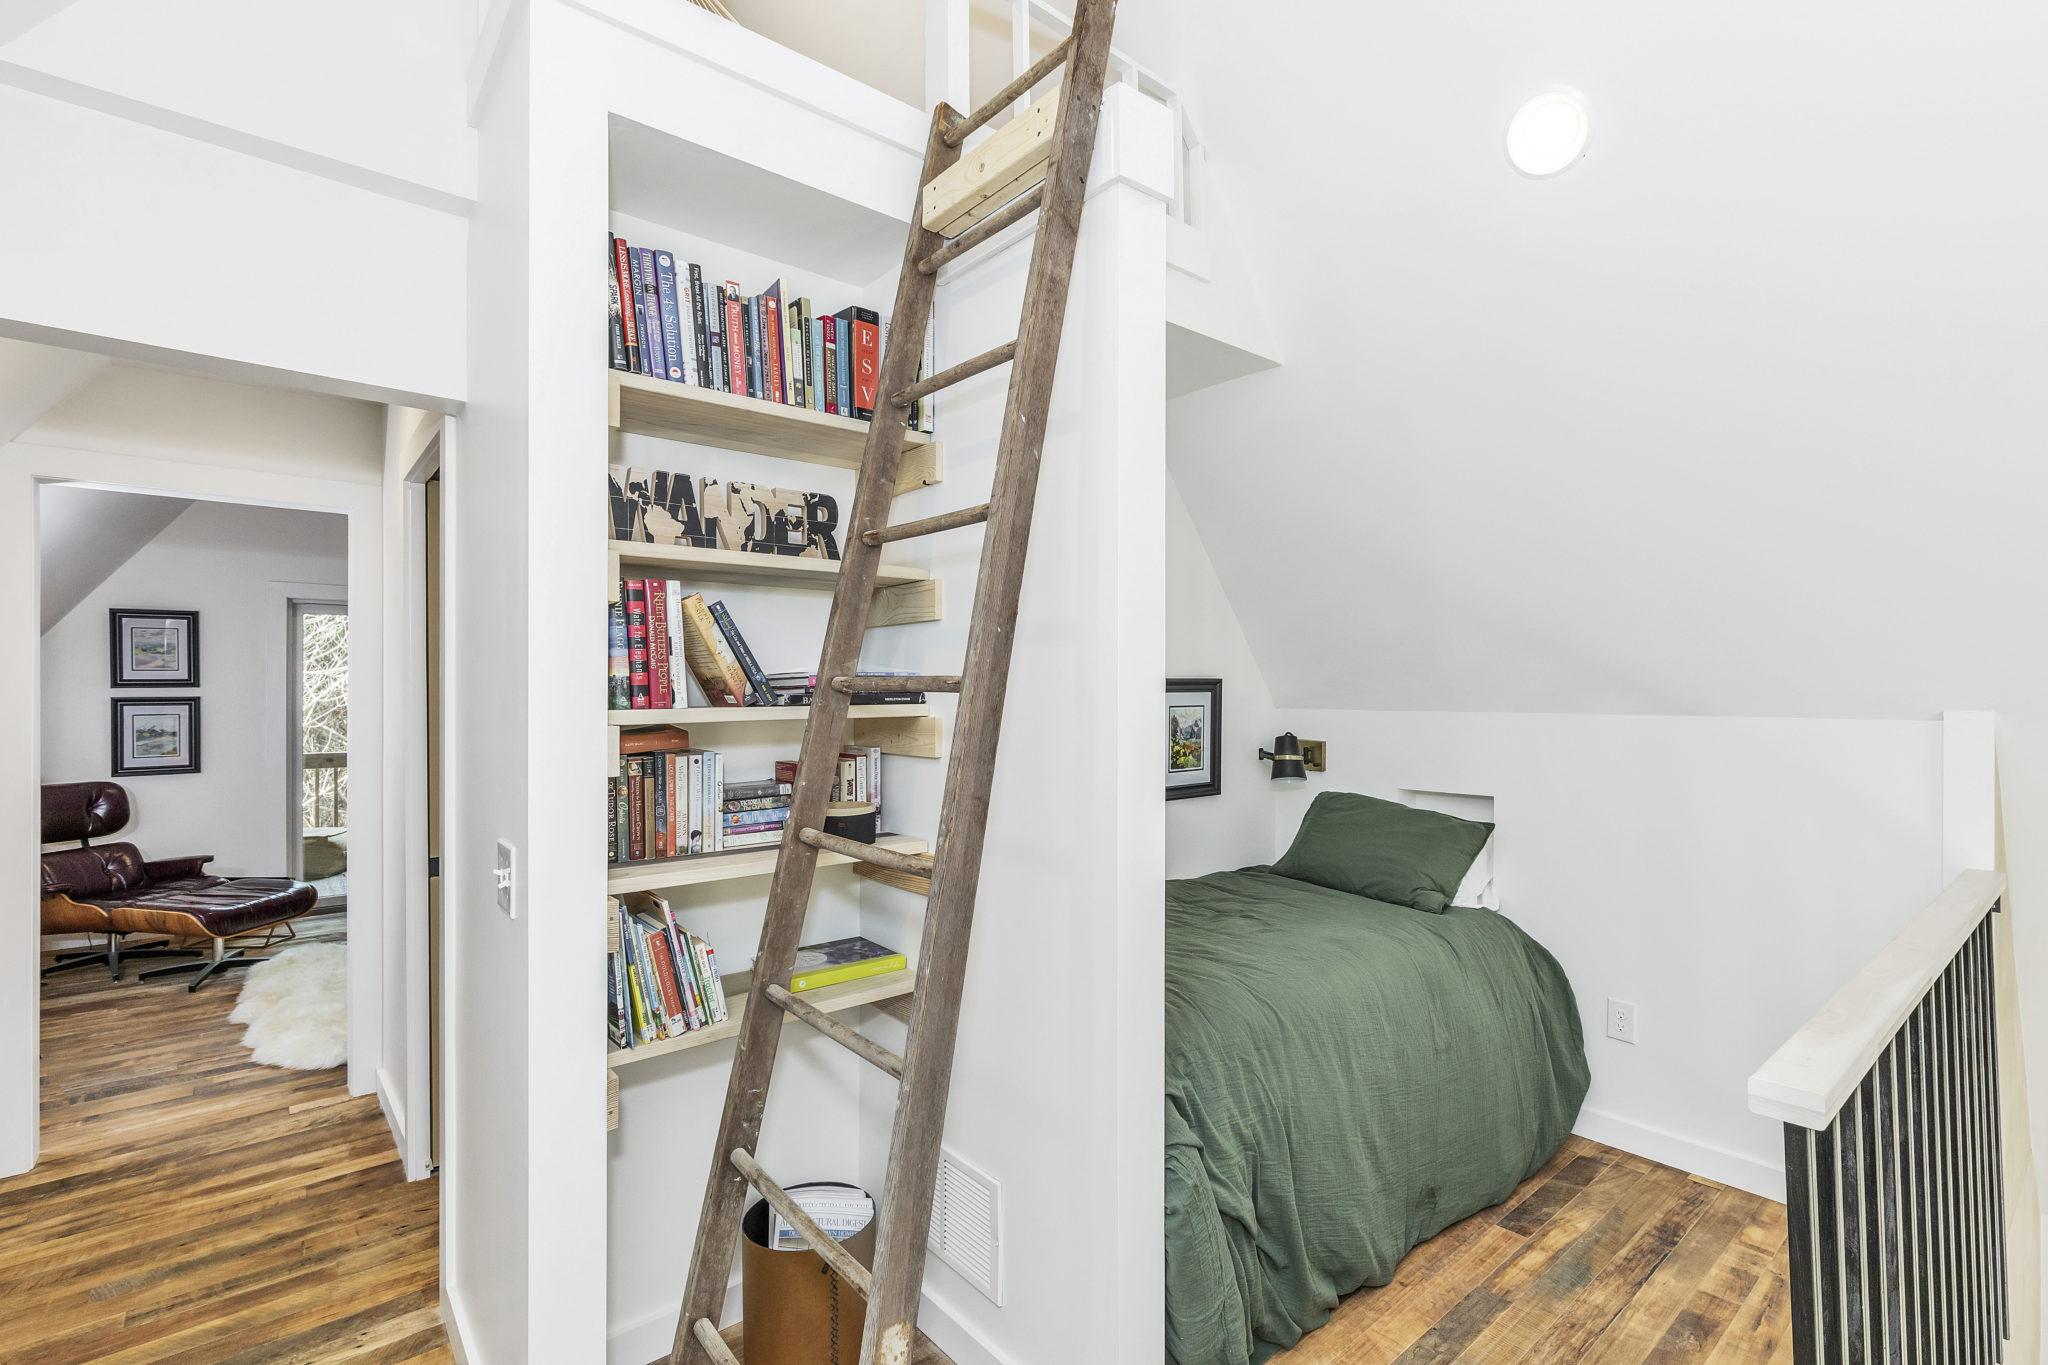 carpenters cabin libary Perch alcove bed